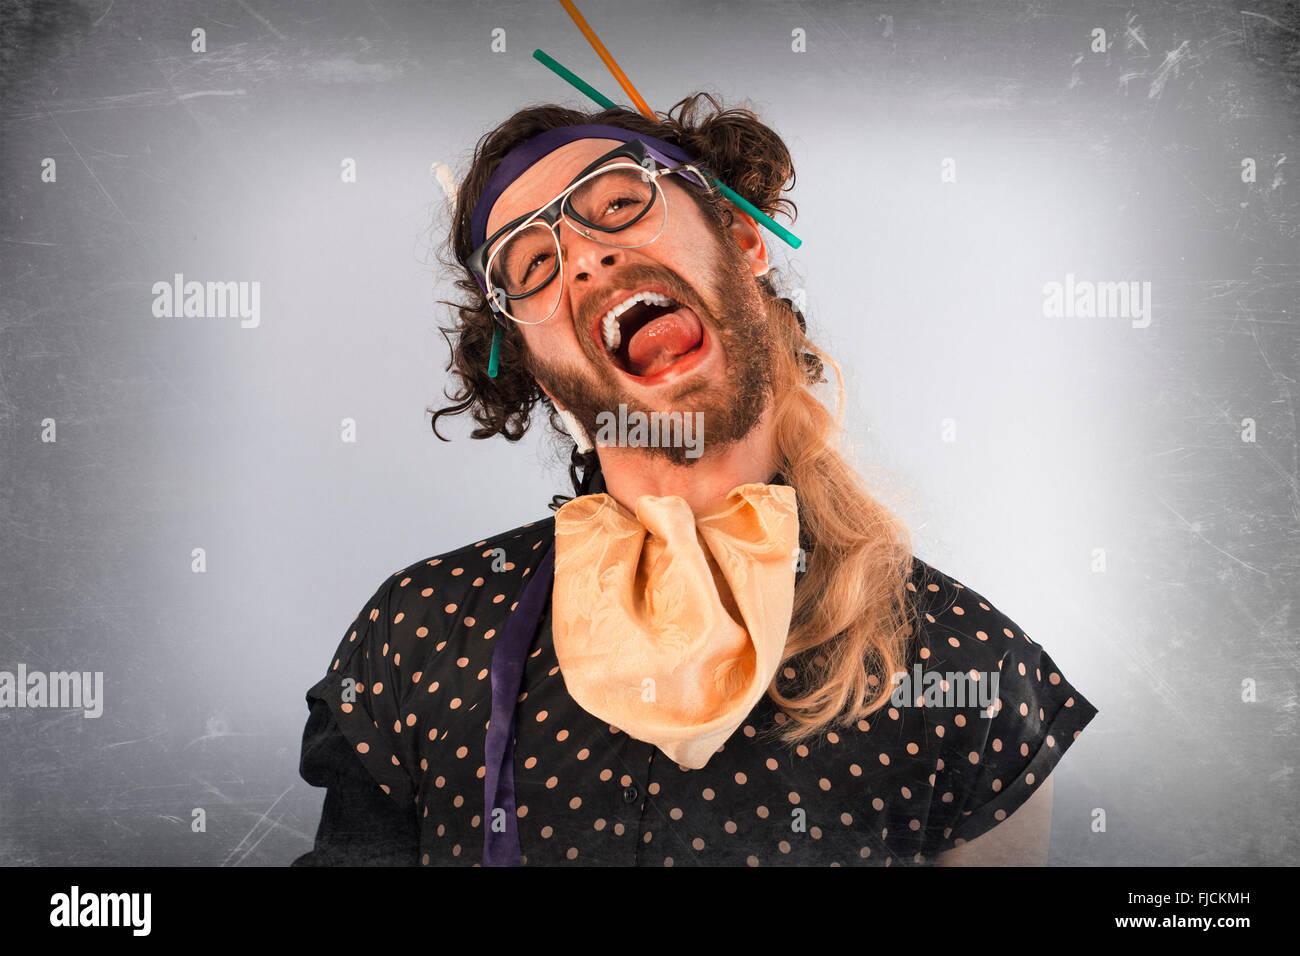 Bärtige verrückte Person lunatic tragen mehrere Paare von Gläsern Stockbild